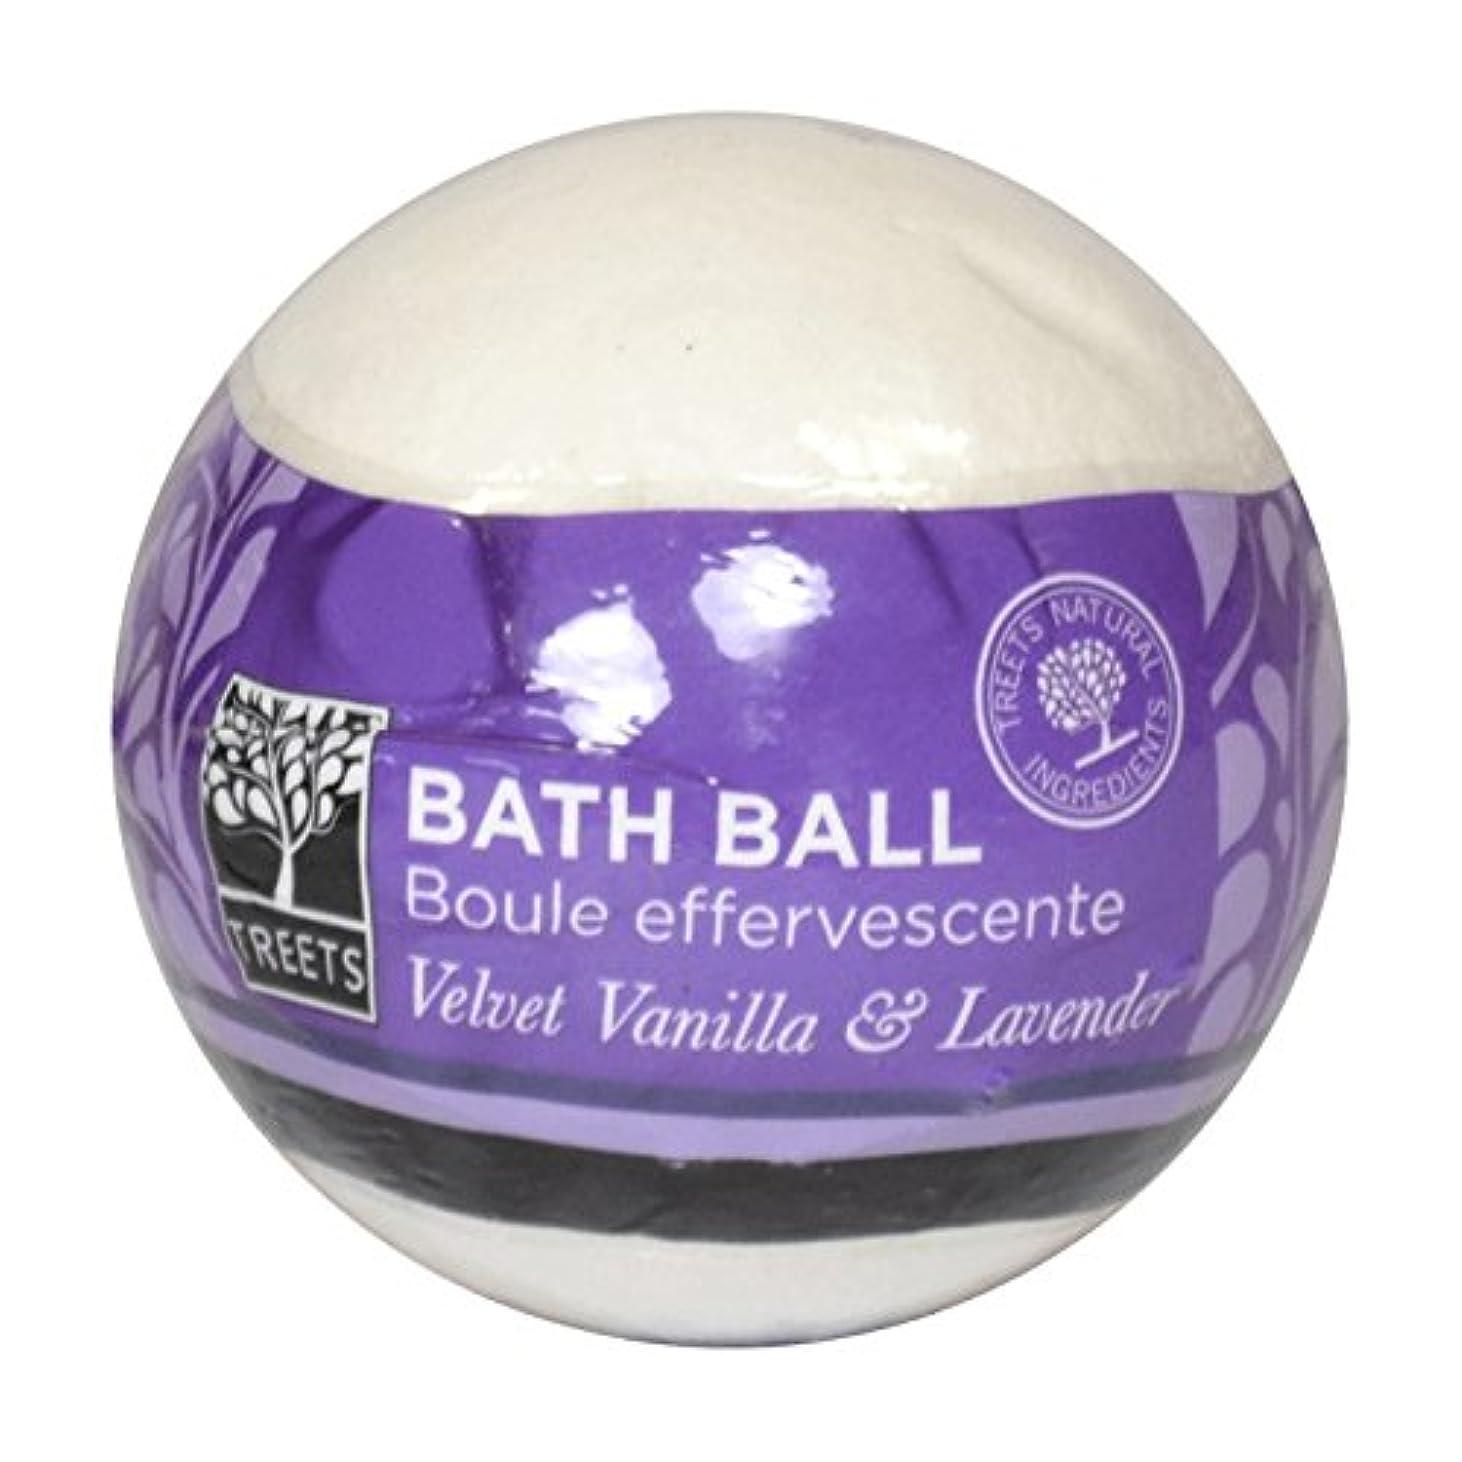 Treets Velvet Vanilla & Lavender Bath Ball (Pack of 2) - Treetsベルベットのバニラ&ラベンダーバスボール (x2) [並行輸入品]